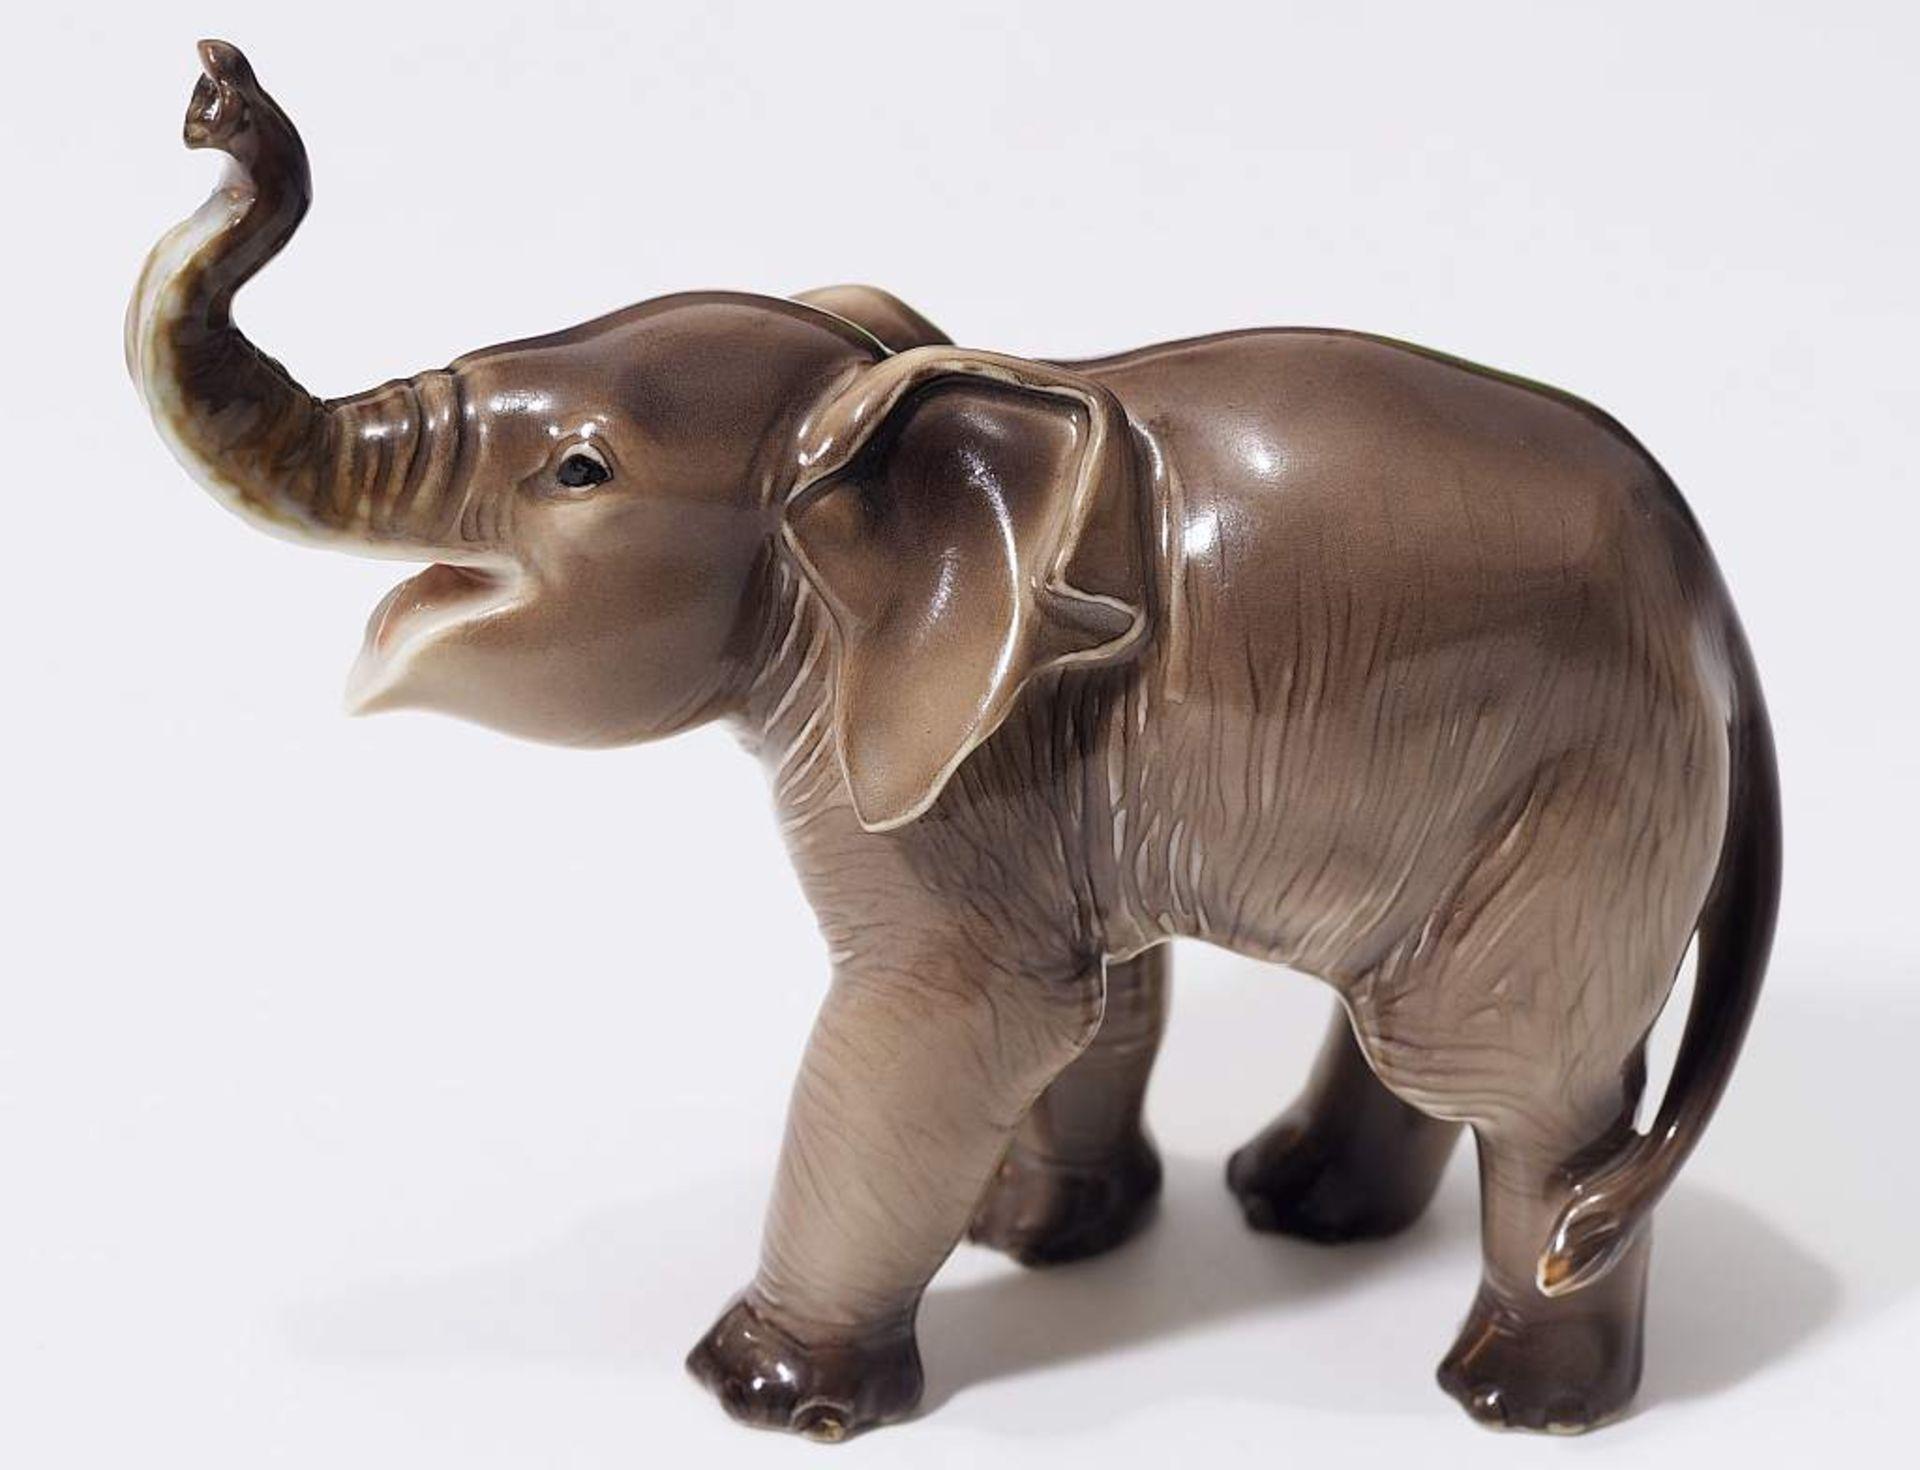 """Sehr seltene Tiefigur """"Elefant, trompetend"""", ALLACH. Sehr seltene Tiefigur """"Elefant, trompetend"""", - Bild 3 aus 12"""